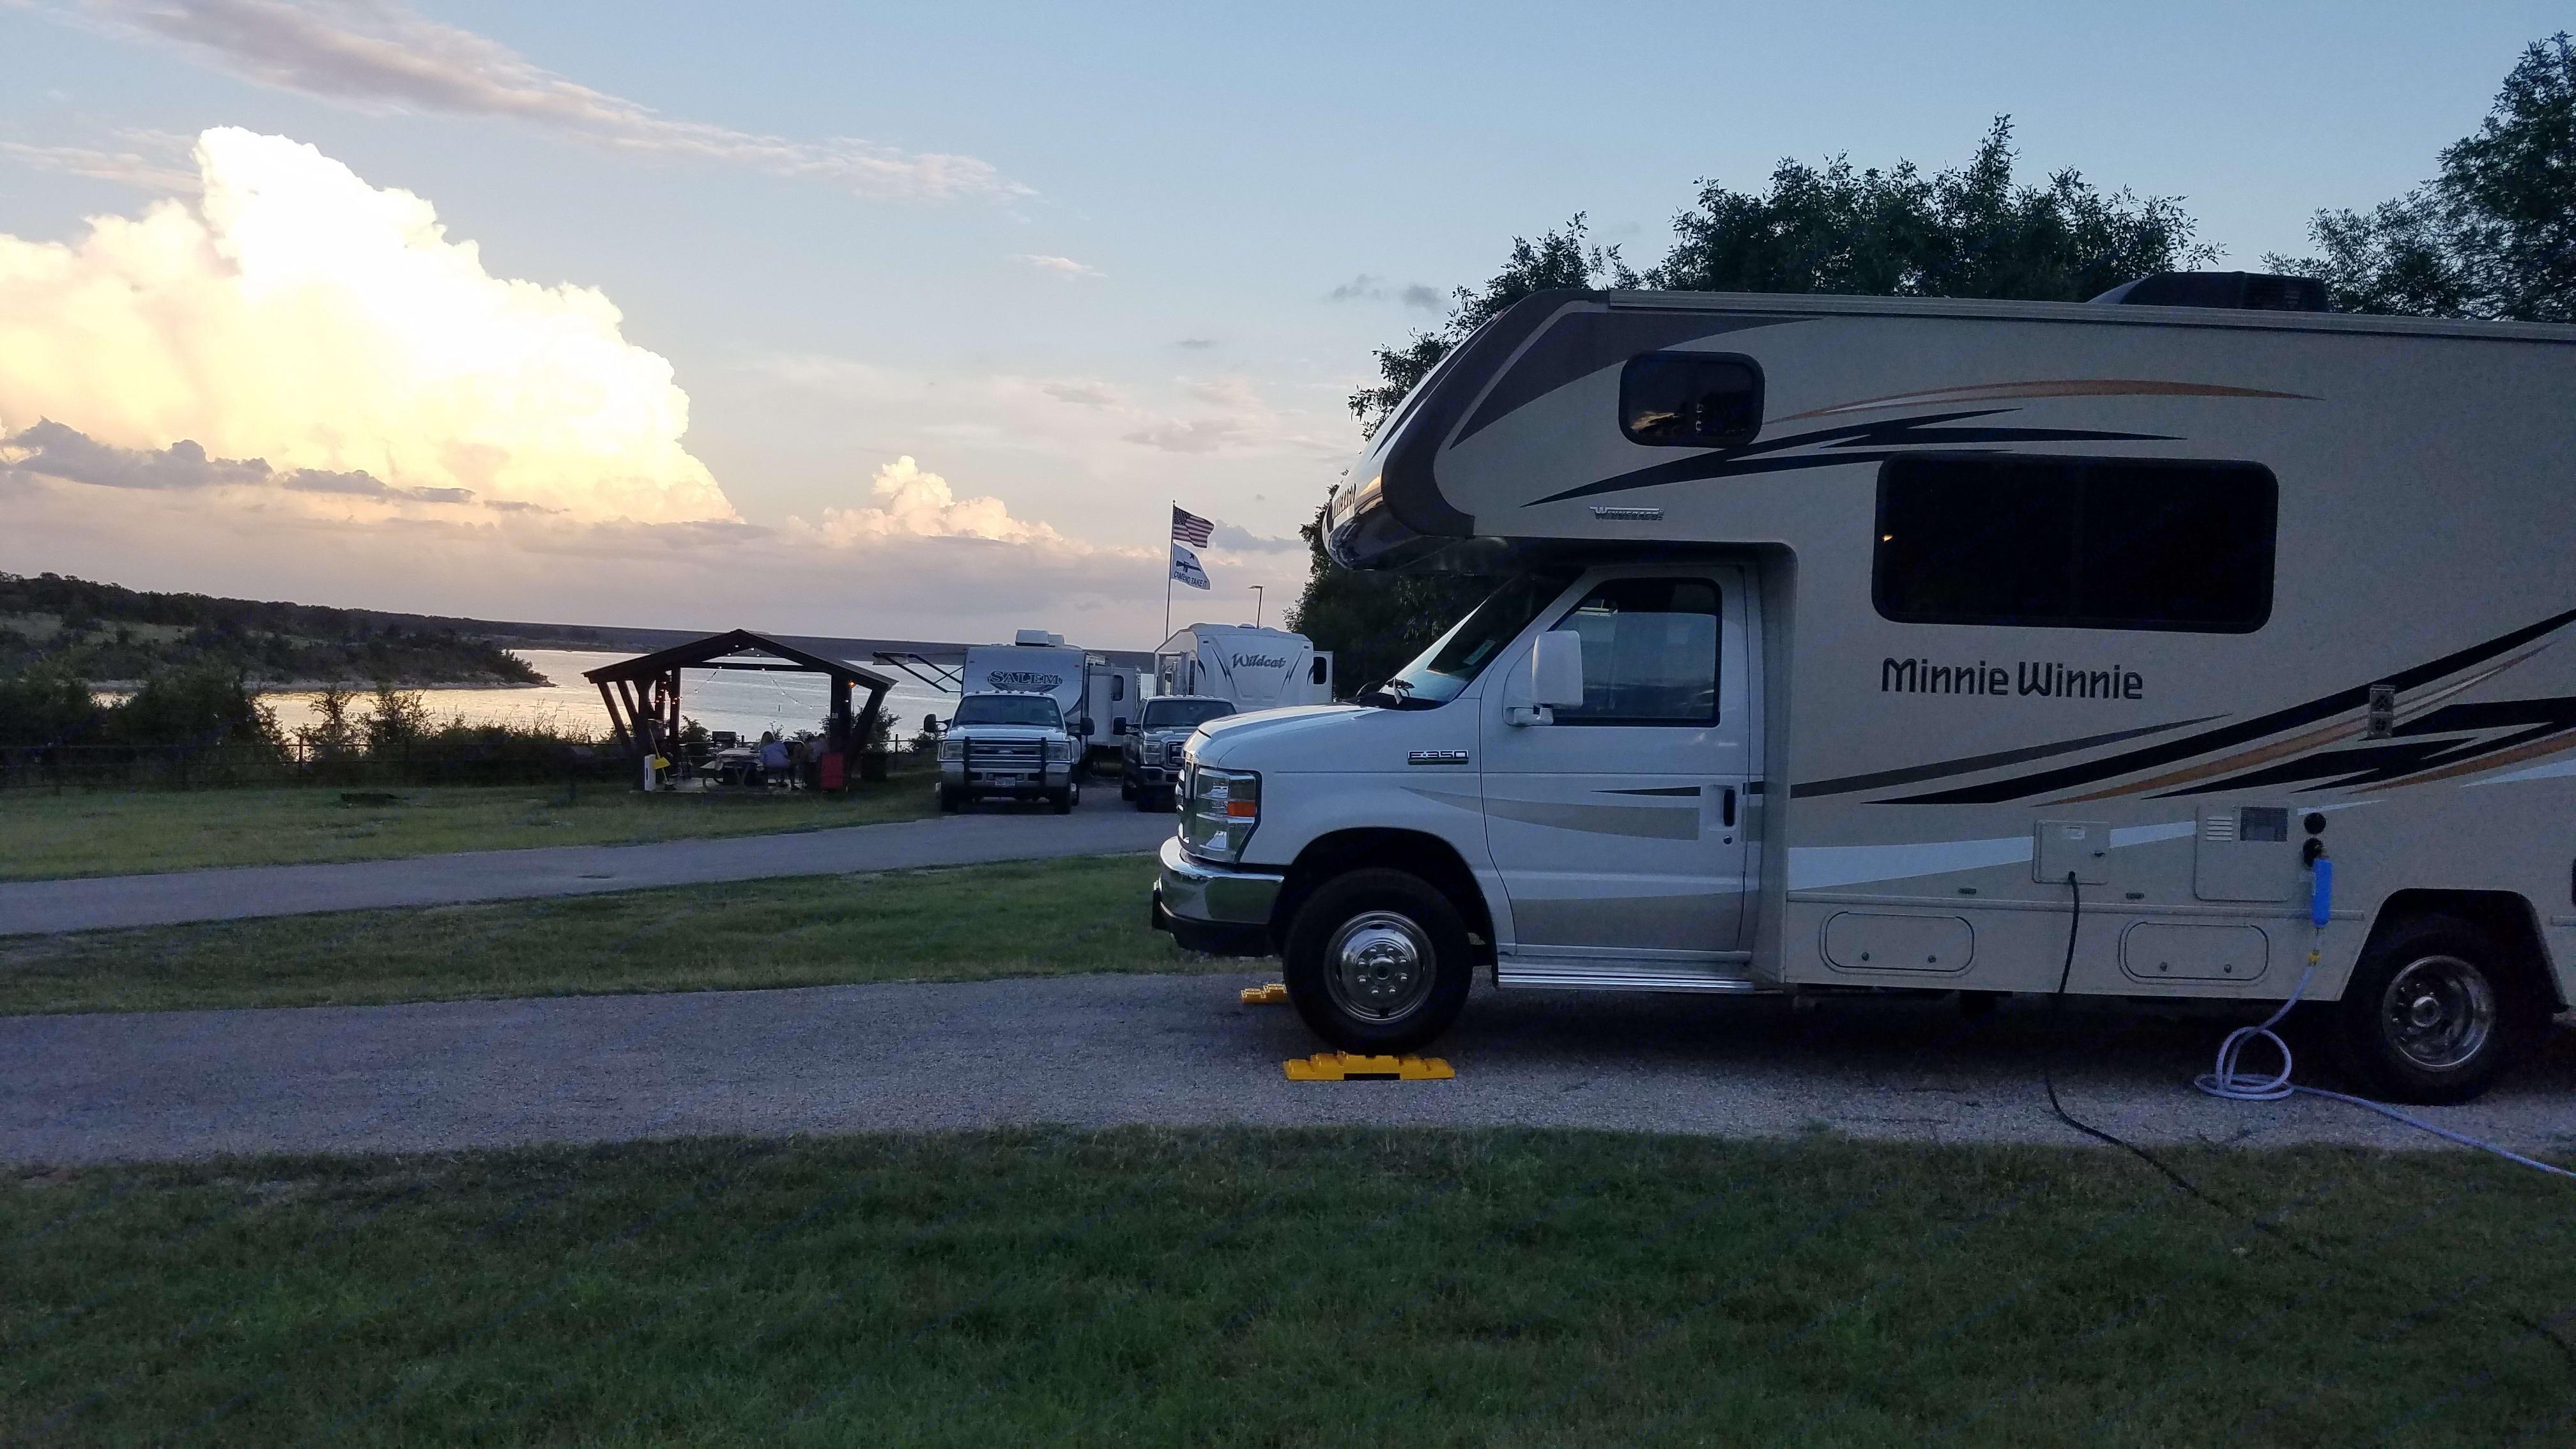 Camping at Jim Hogg park on Lake Georgetown, Georgetown, TX. Winnebago Minnie Winnie 2016